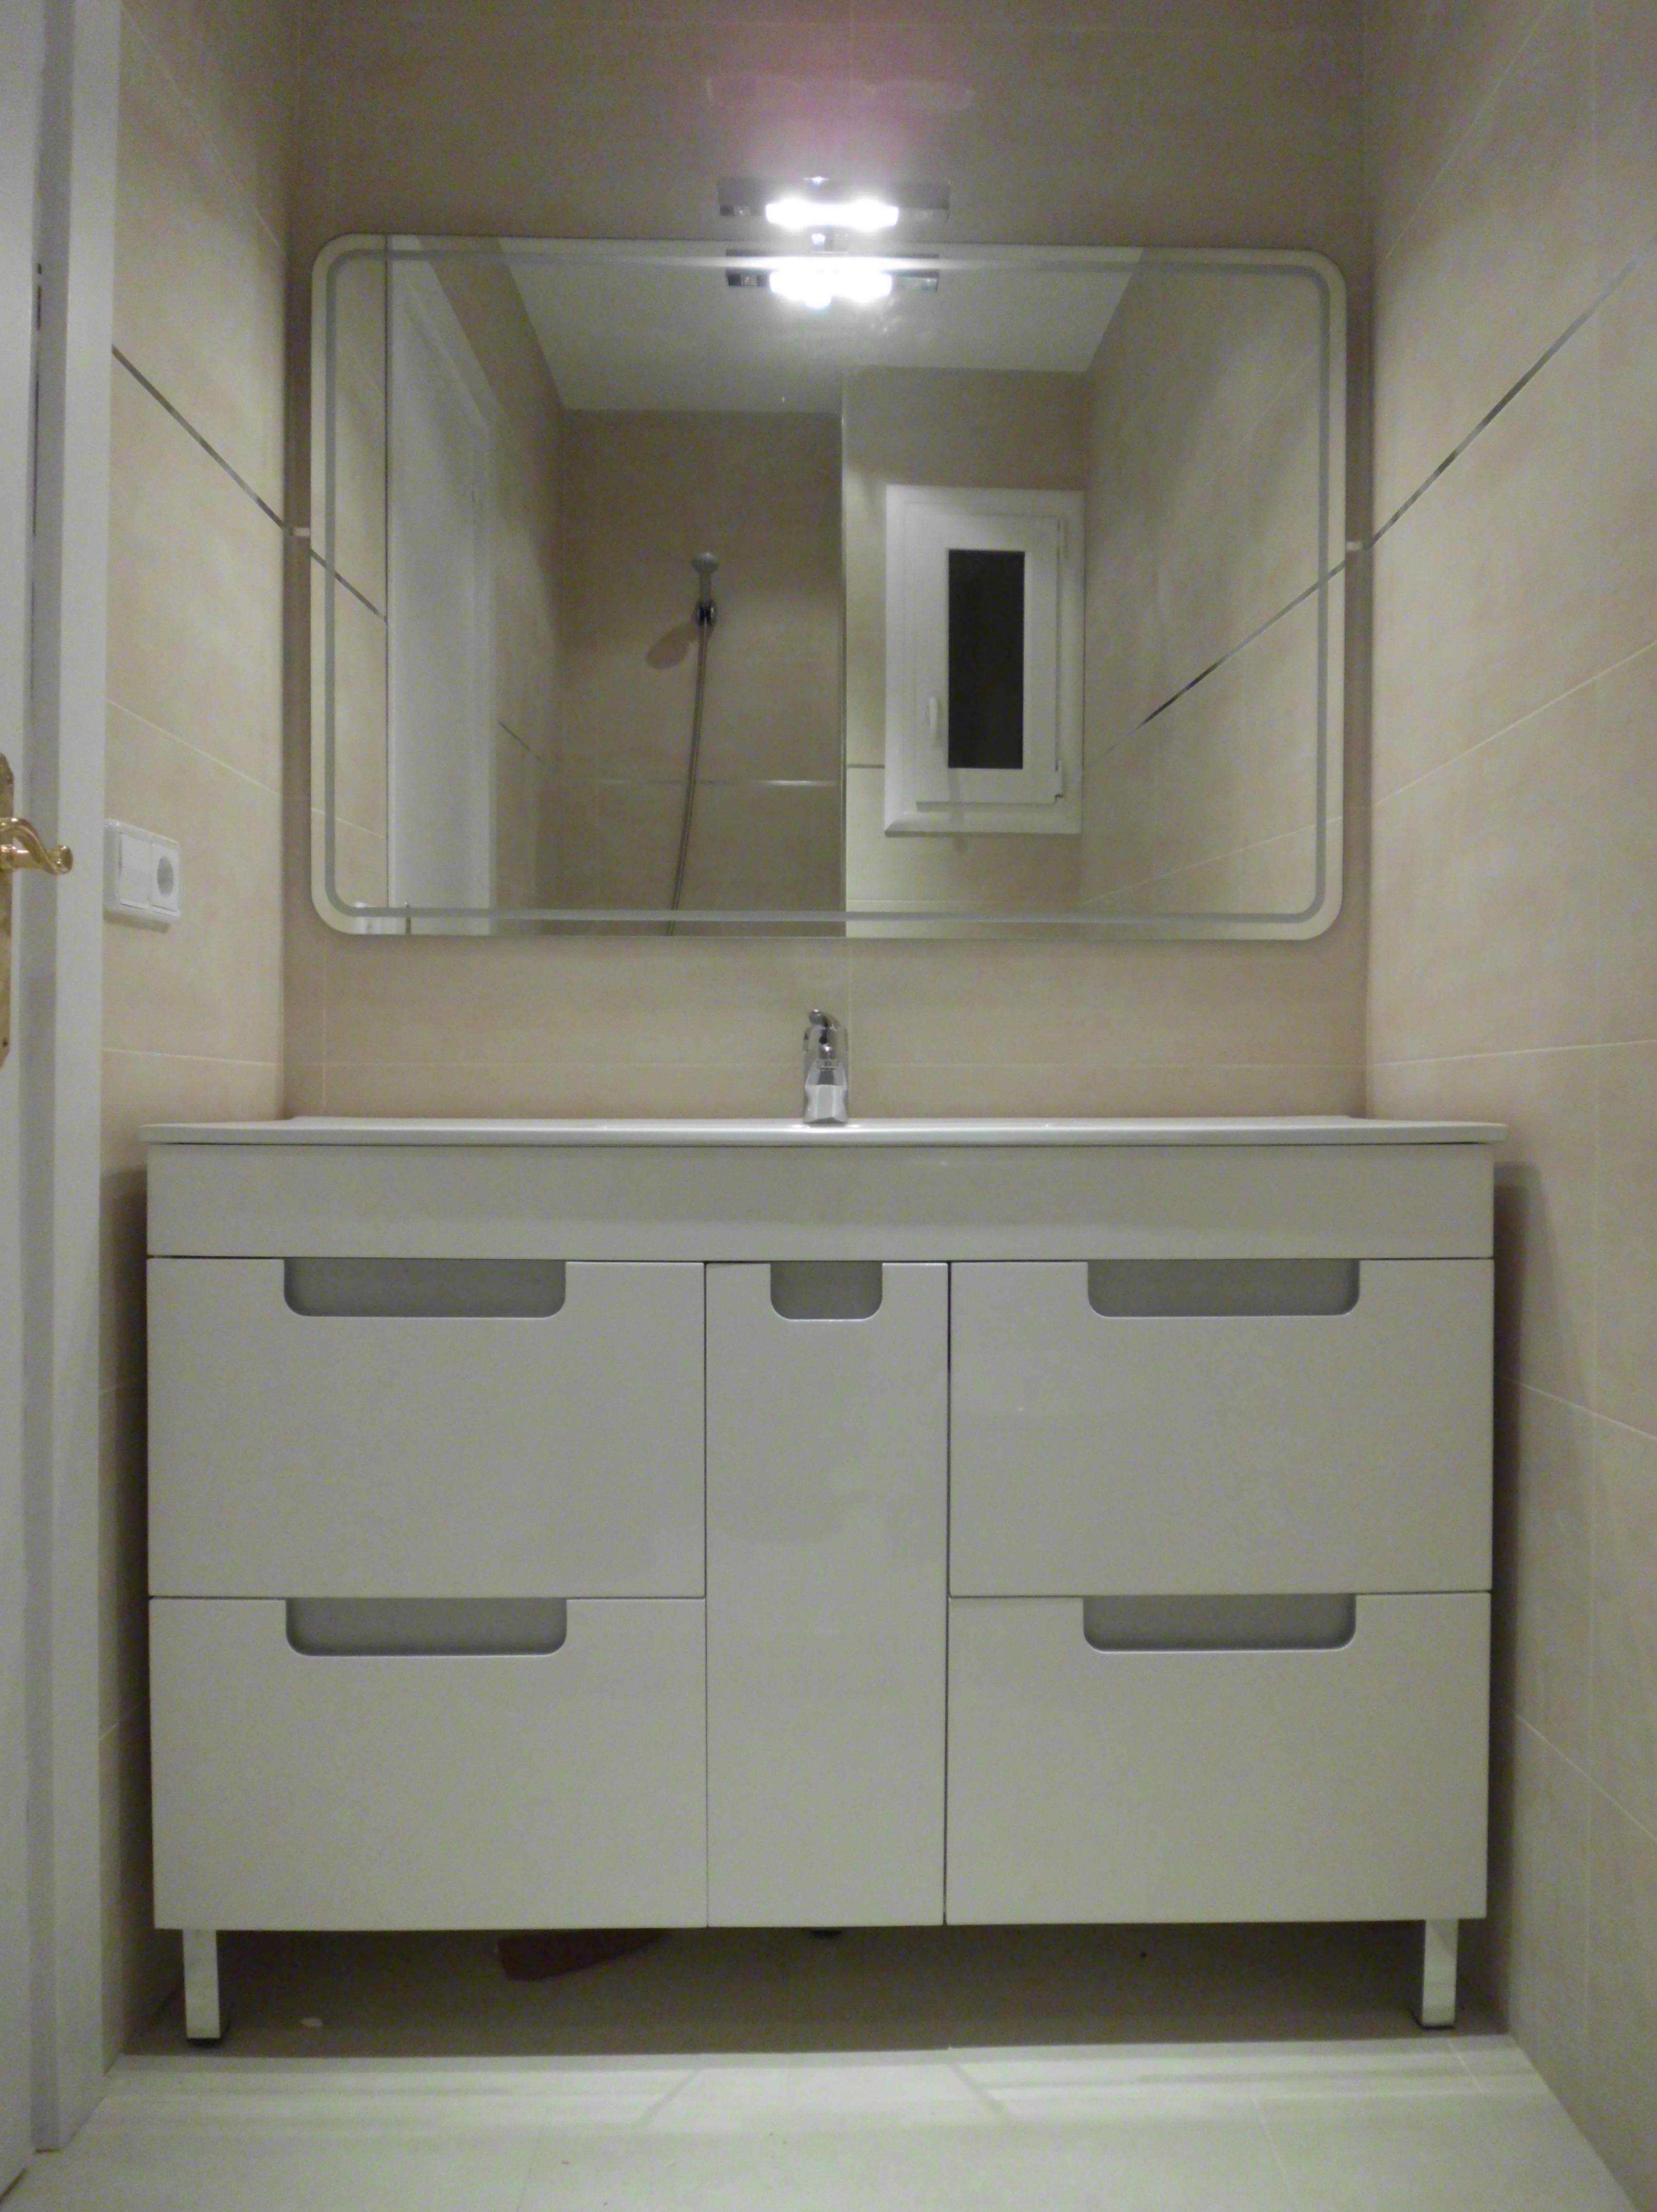 Reforma económica de un piso \u002D mueble de baño es de la Marca Torvisco Modelo Sena